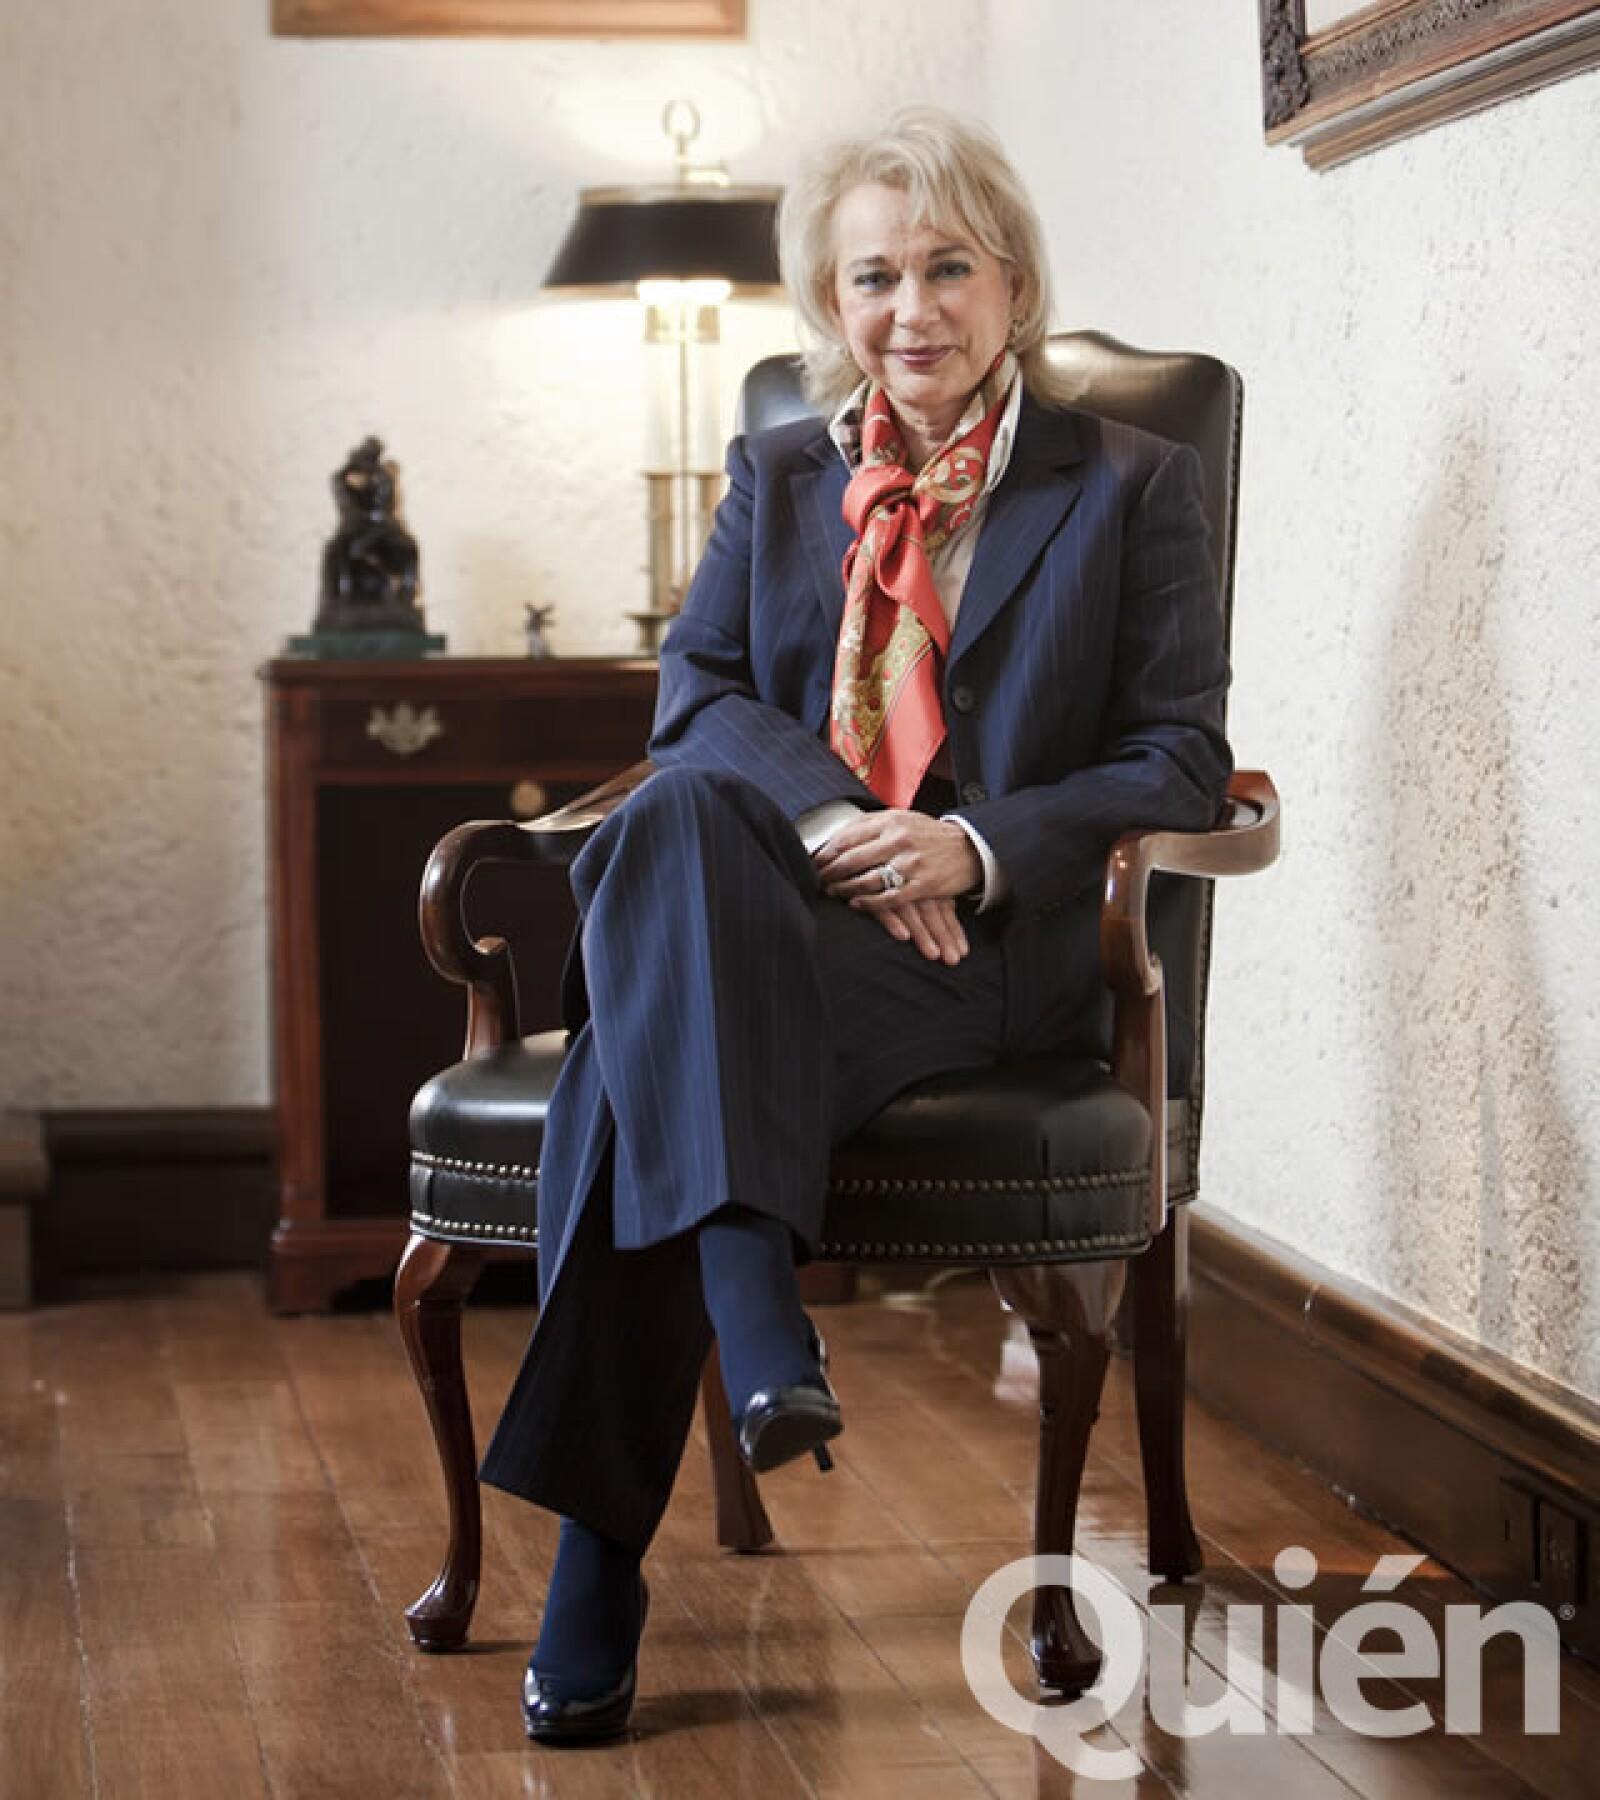 Olga Sánchez Cordero, Ministra de la Suprema Corte de Justicia de la Nación. La ministra más progresista de la Suprema Corte termina su periodo.